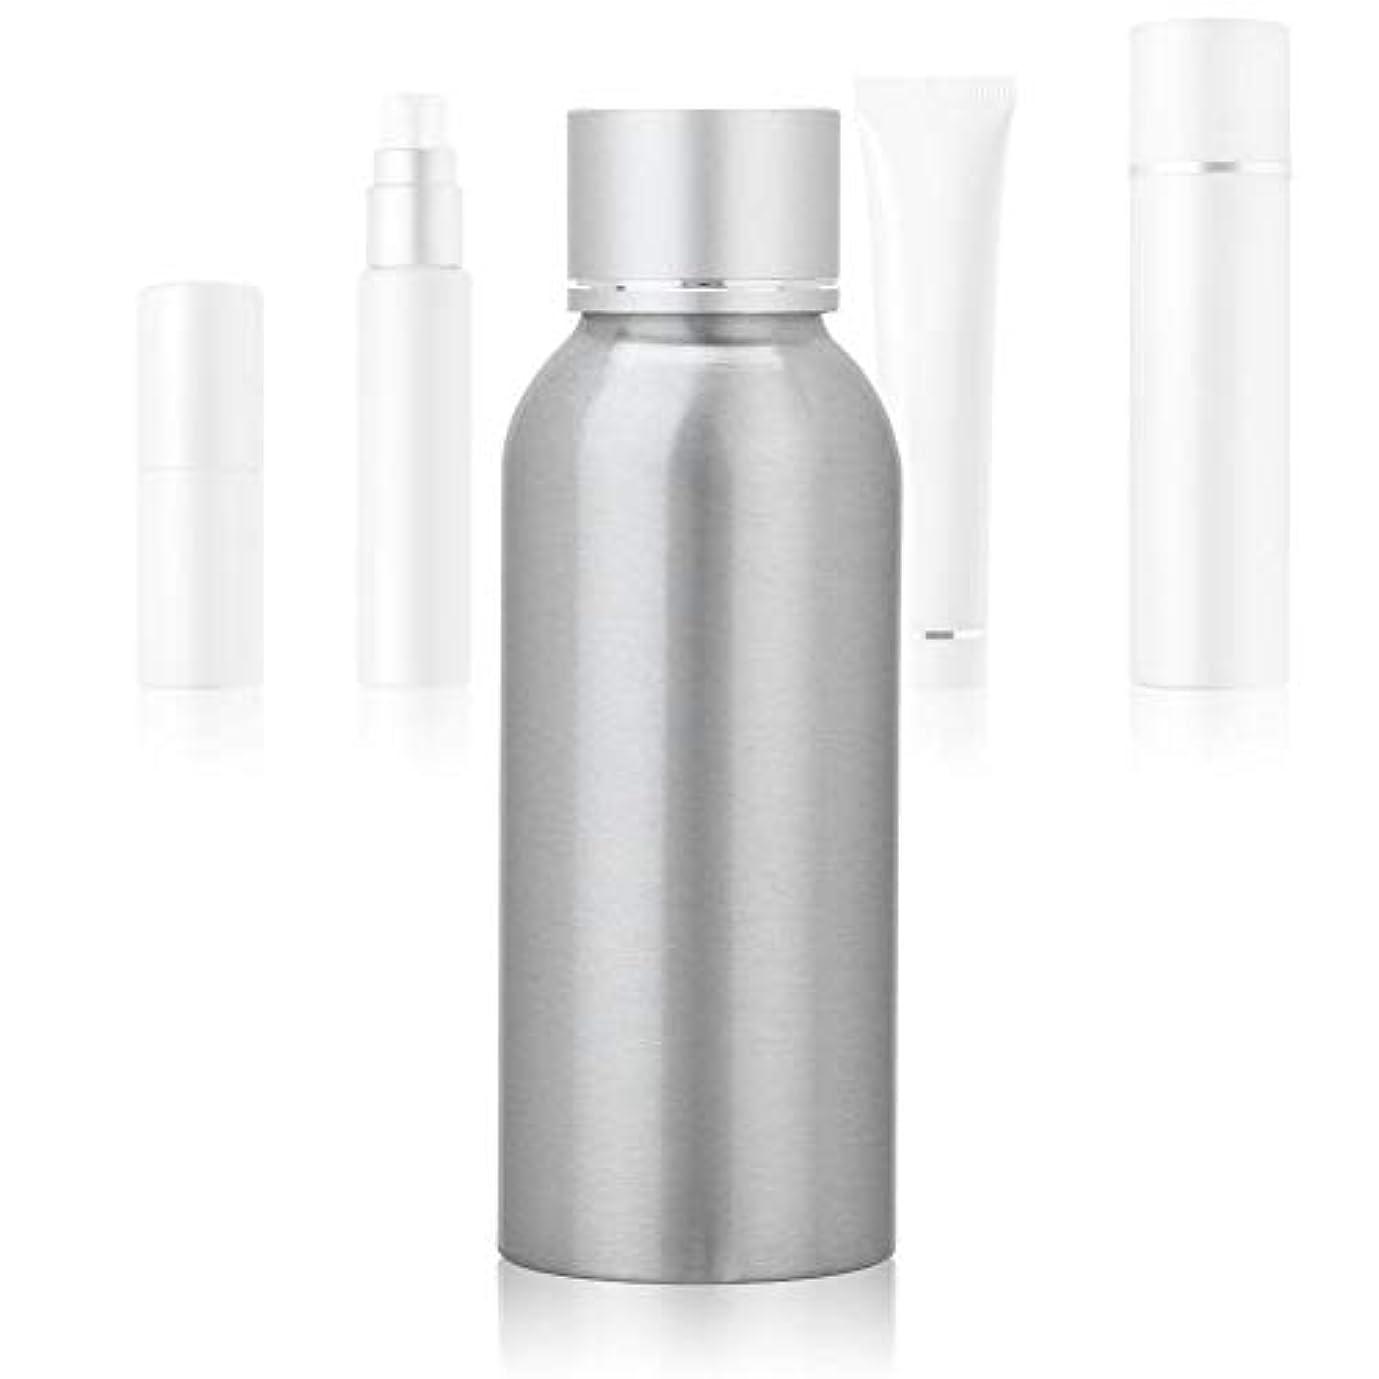 謙虚五十ジャンクション100 MLアジア銀陽極酸化アルミニウム 空の化粧品ボトル ポータブルDIY スキンケア 製品トナーコンテナーボトル